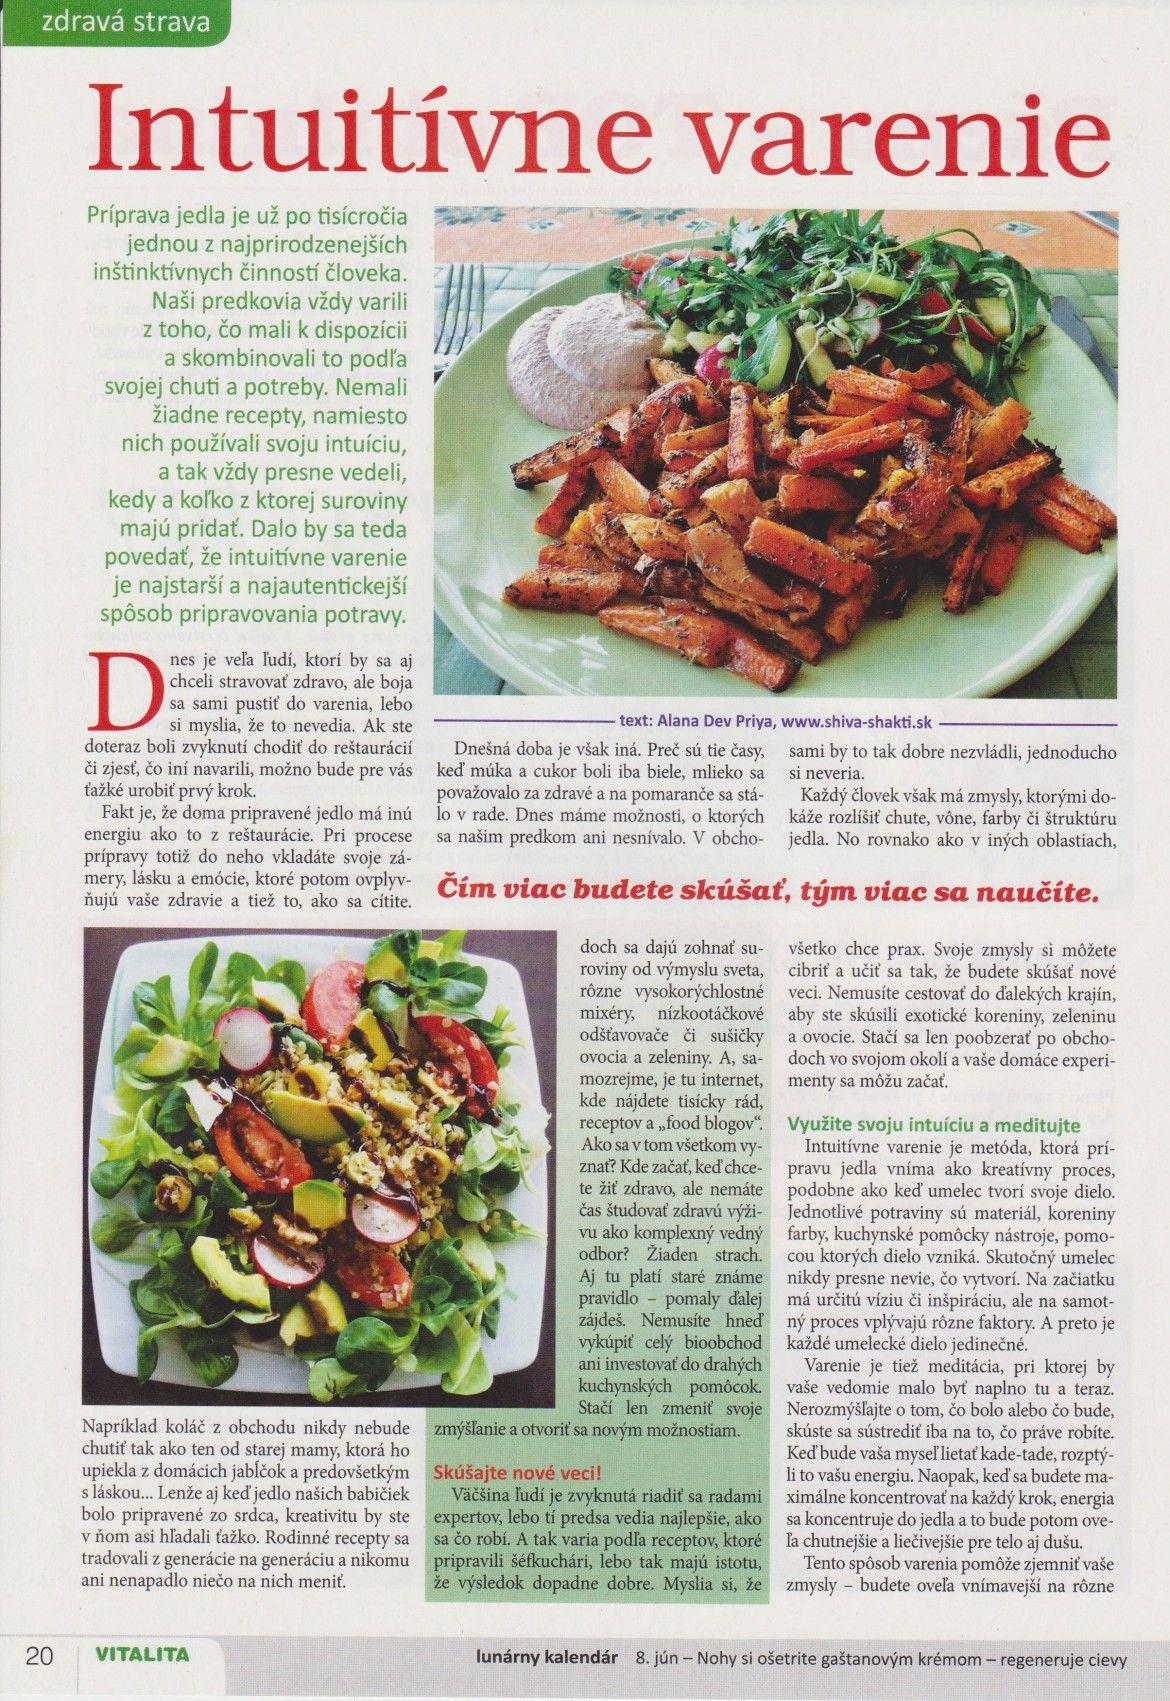 Intuitívne varenie